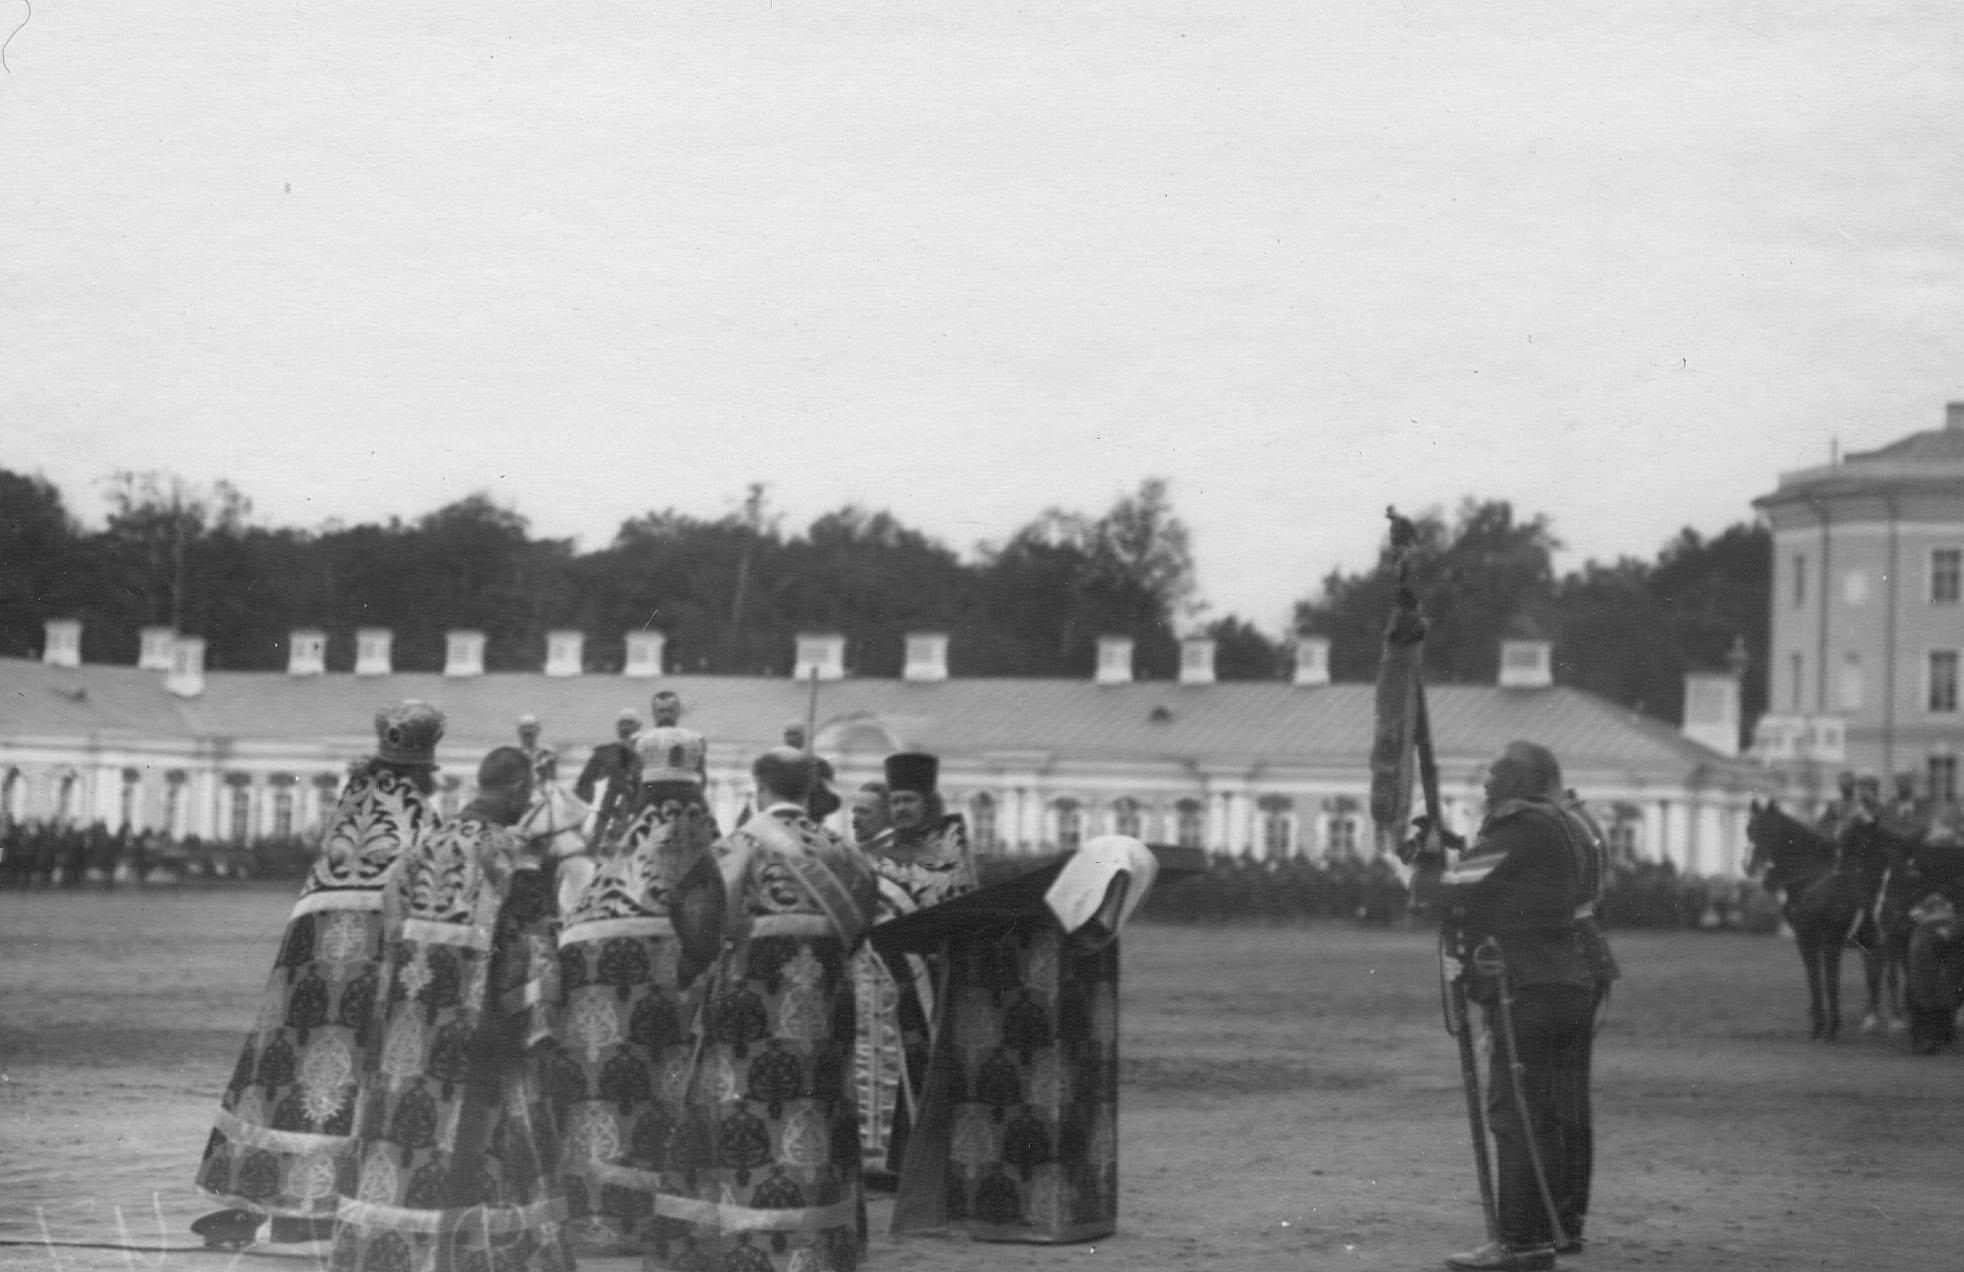 Молебен на плацу перед Екатерининским дворцом во время парада Уланского Её Величества лейб-гвардии полка